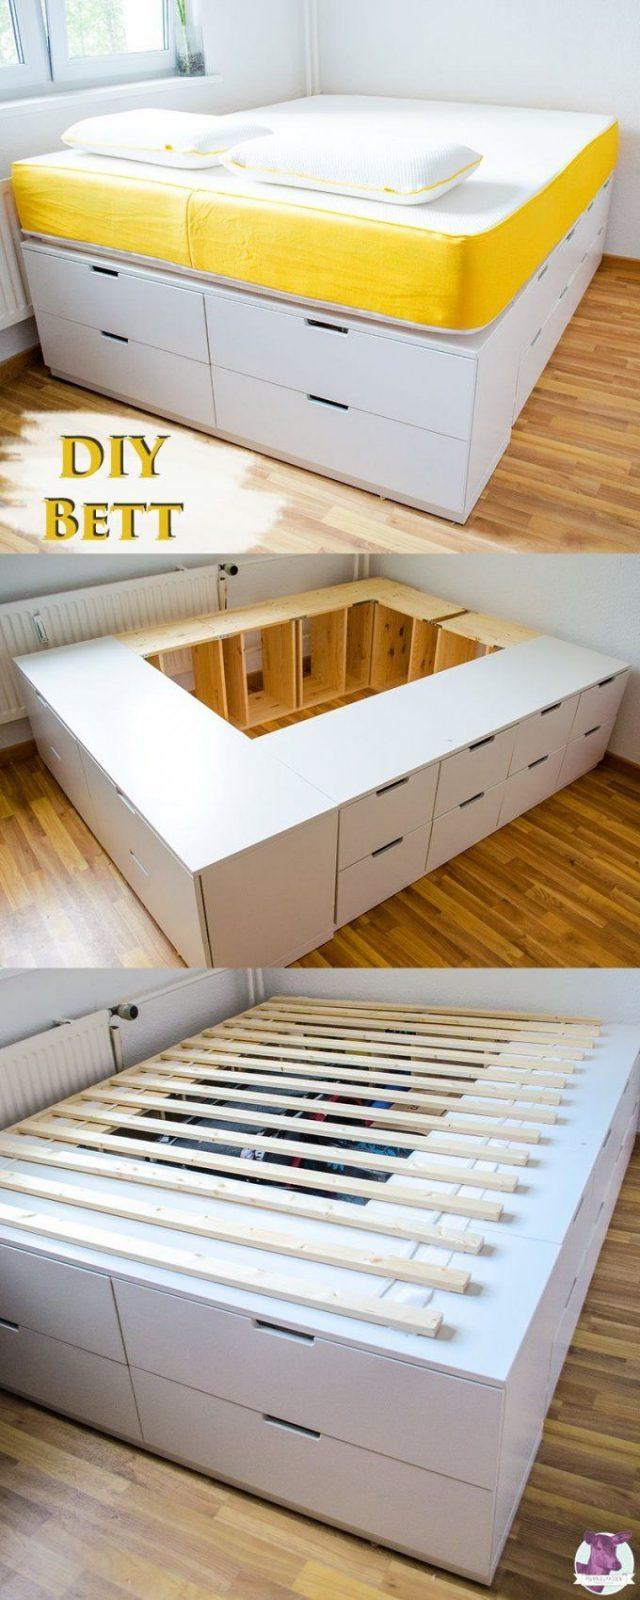 Diy Ikea Hack  Plattformbett Selber Bauen Aus Ikea Kommoden von Bett Selber Bauen Ikea Bild